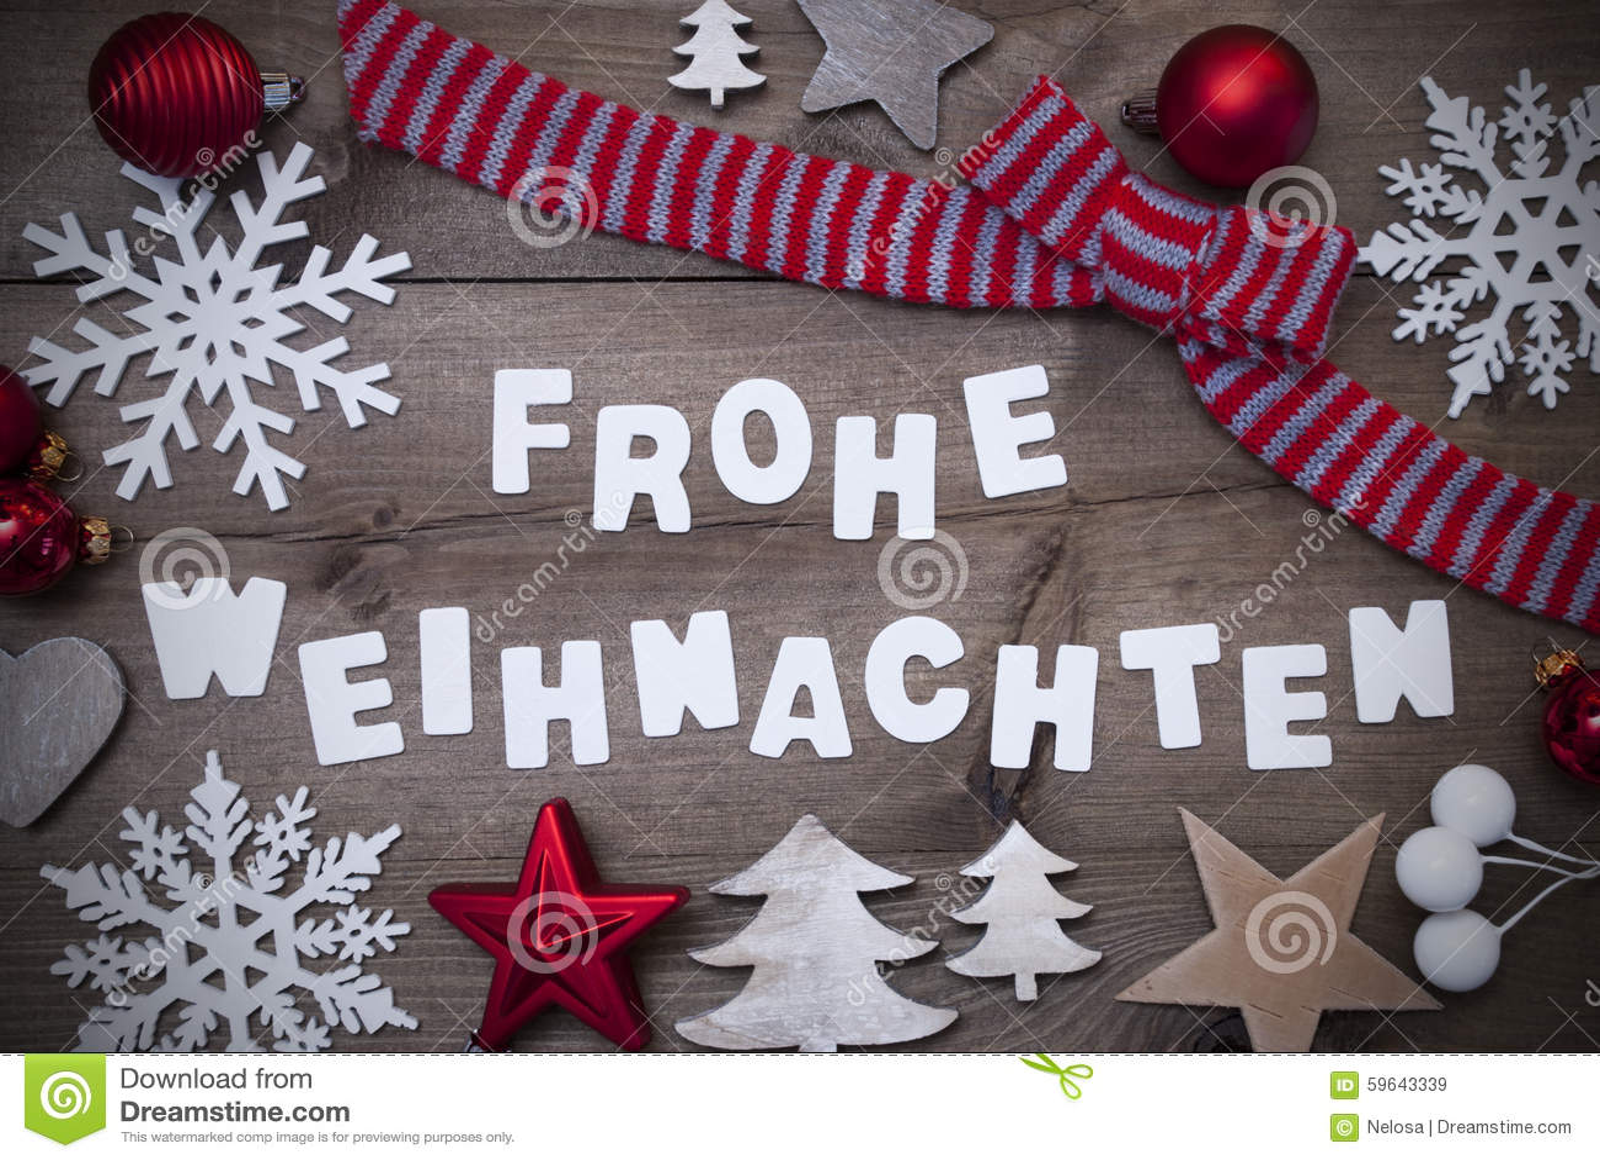 Bilder weihnachten frohe weihnachten